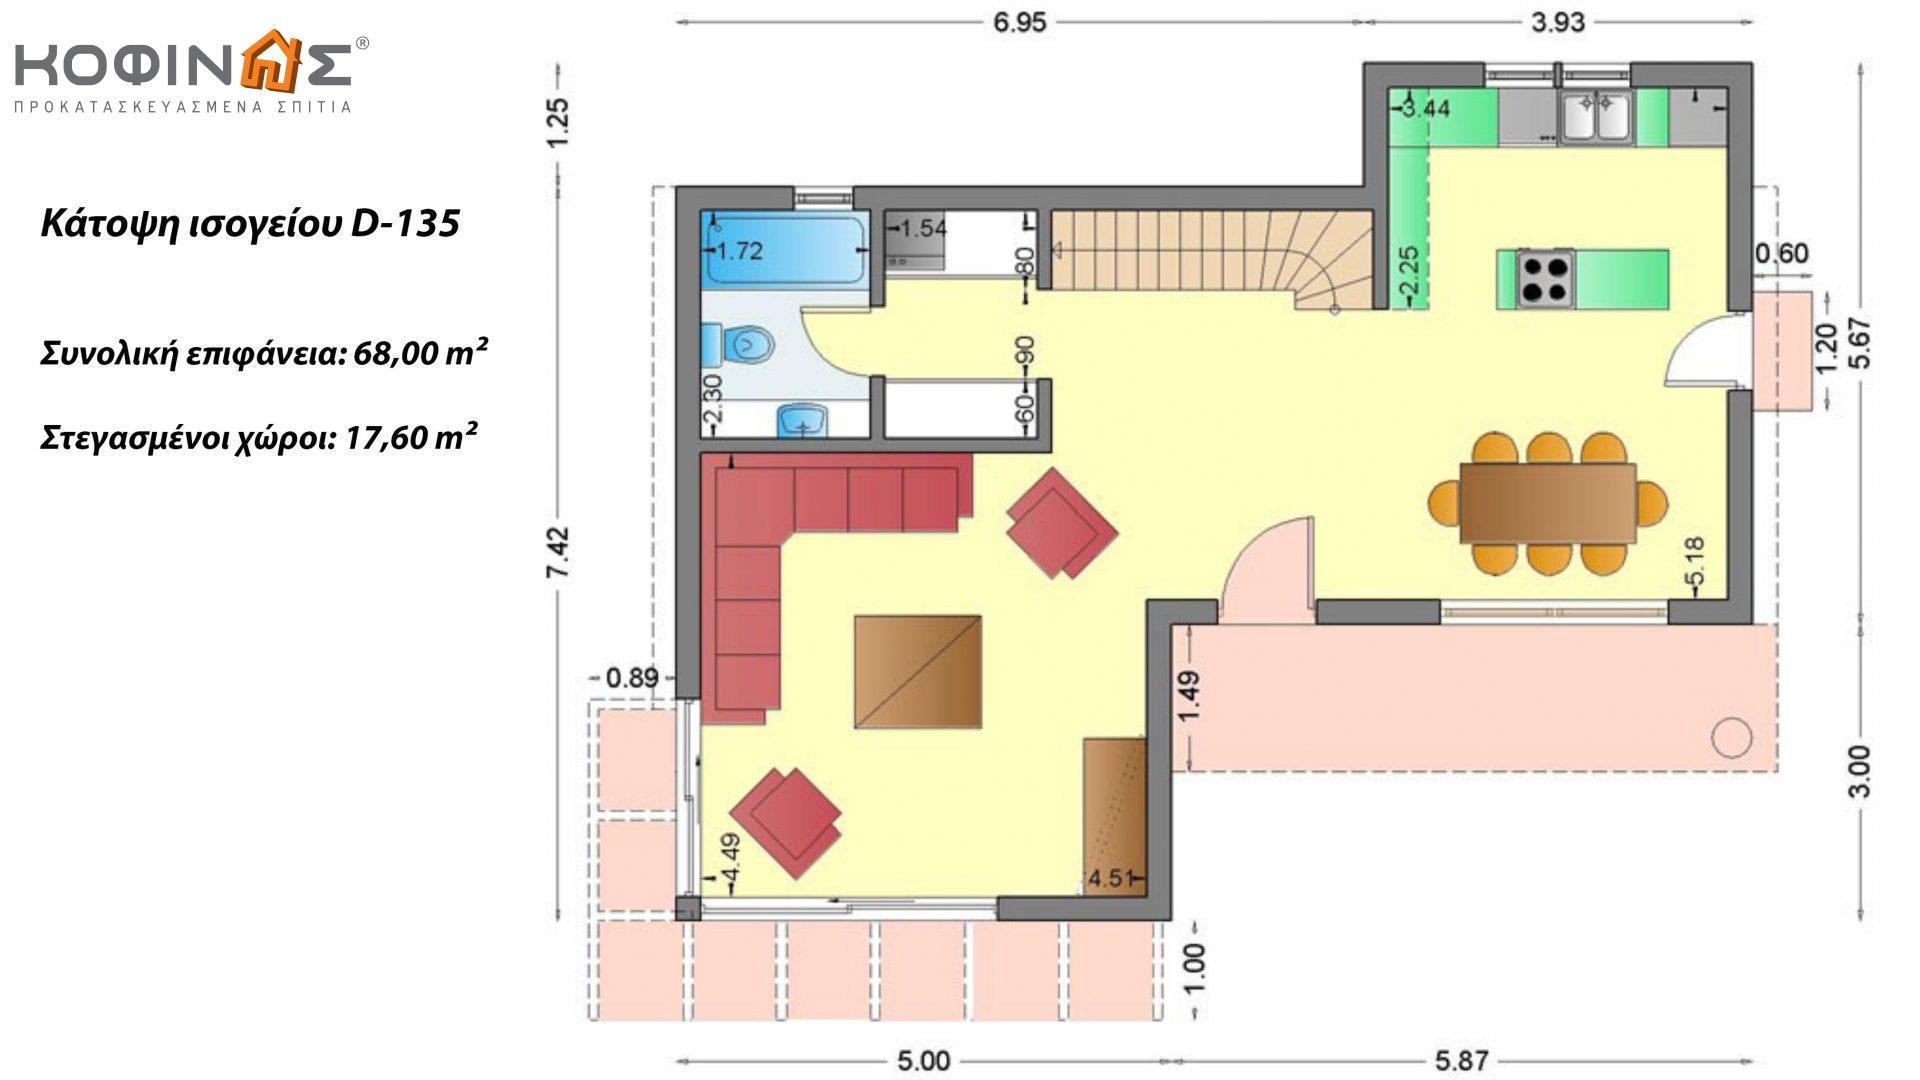 Διώροφη Κατοικία D-135, συνολικής επιφάνειας 135,20 τ.μ.